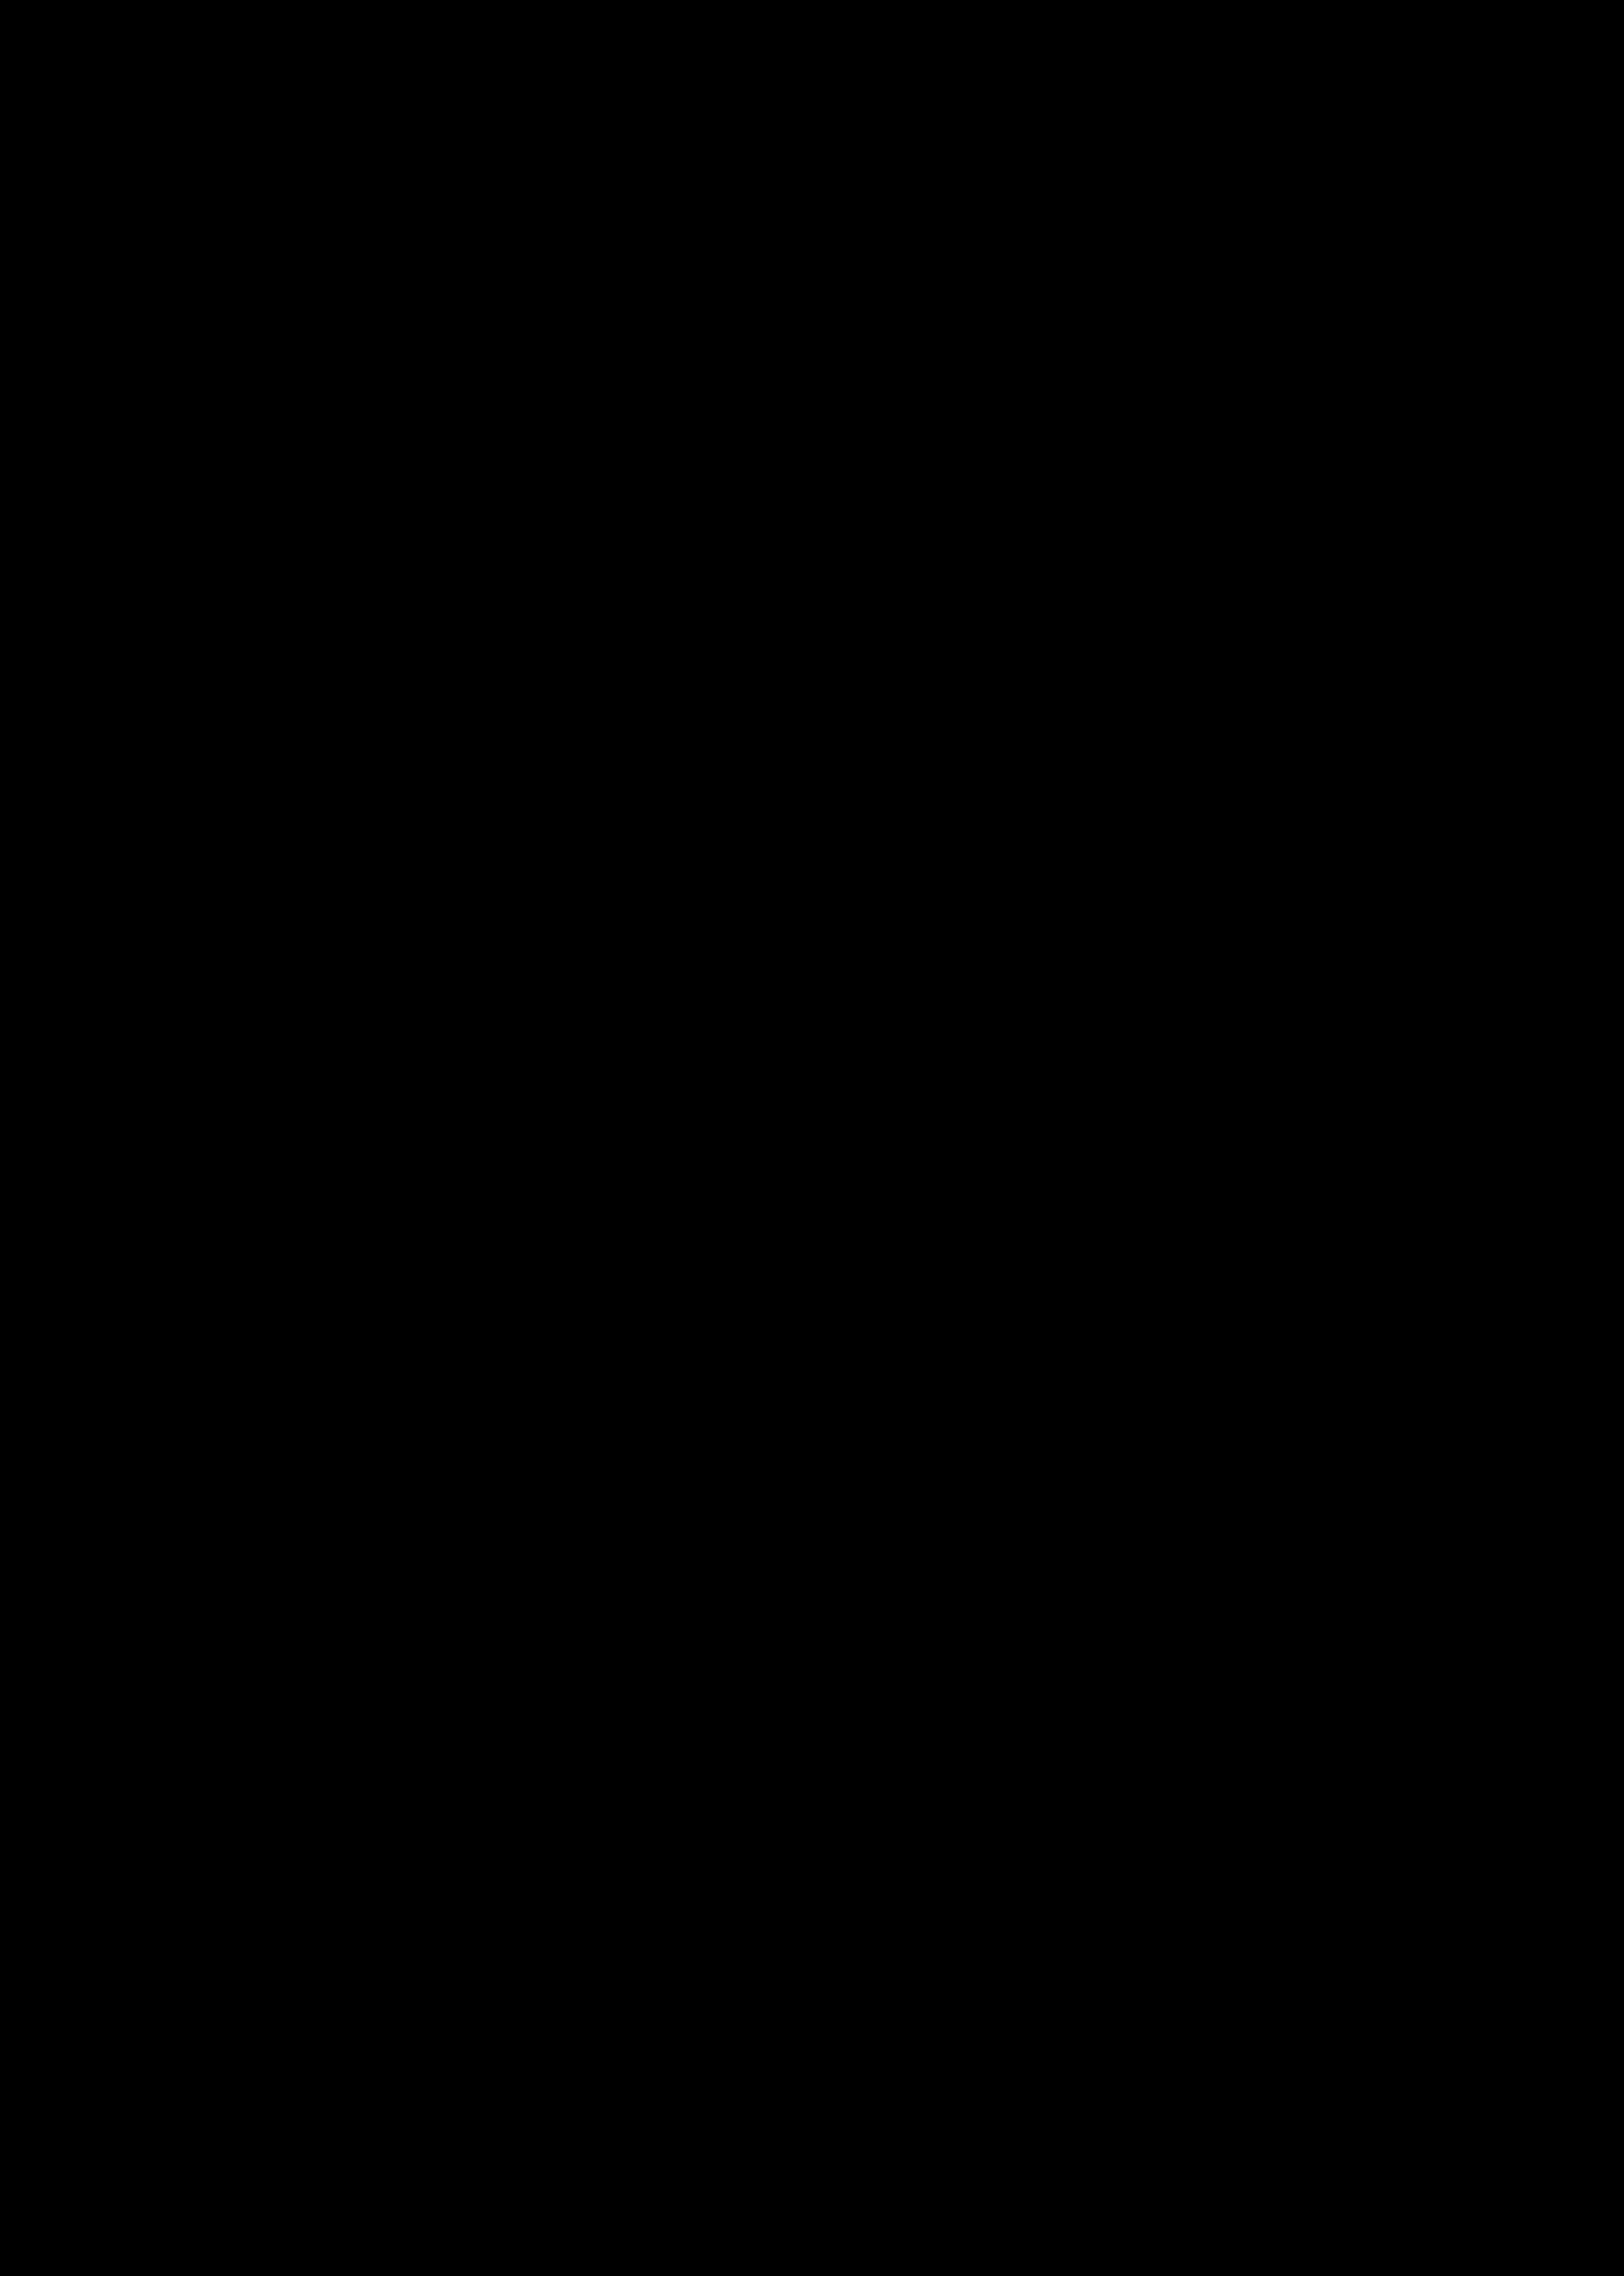 symbols in essays